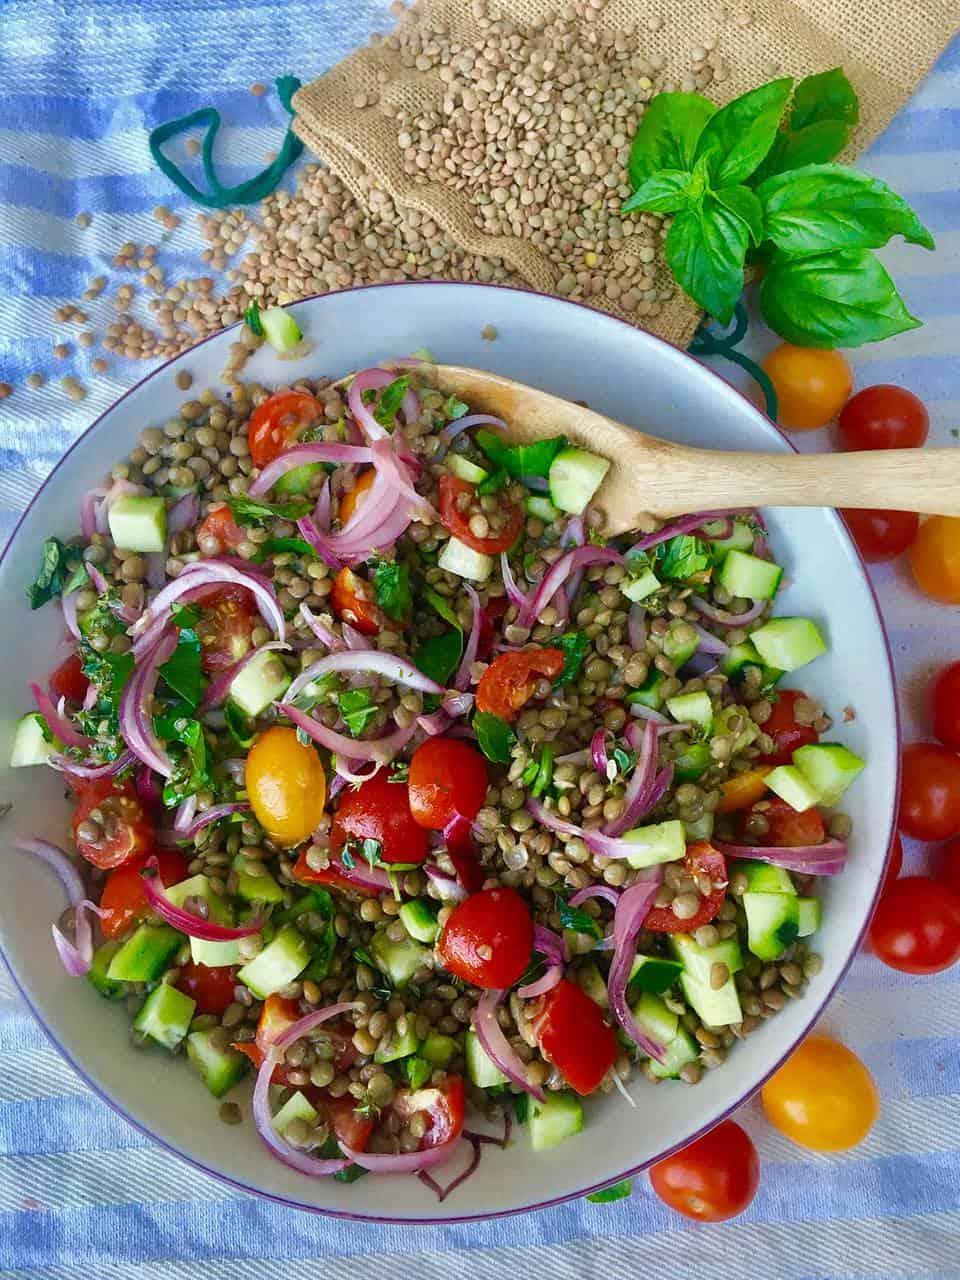 Insalata di lenticchie con verdure estive e dressing alla senape